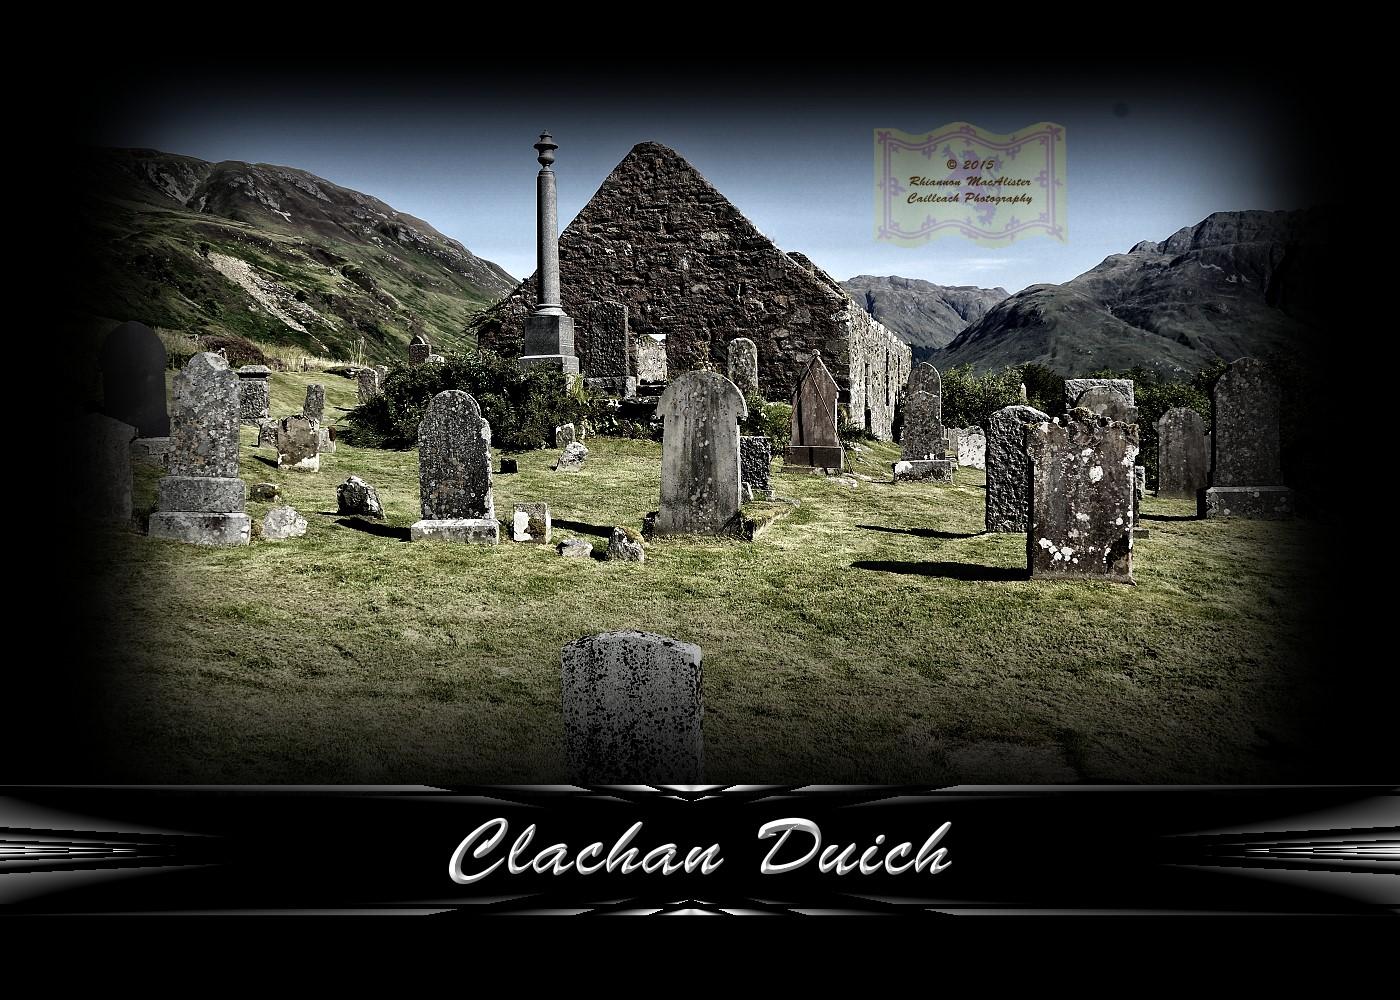 Clachan Duich